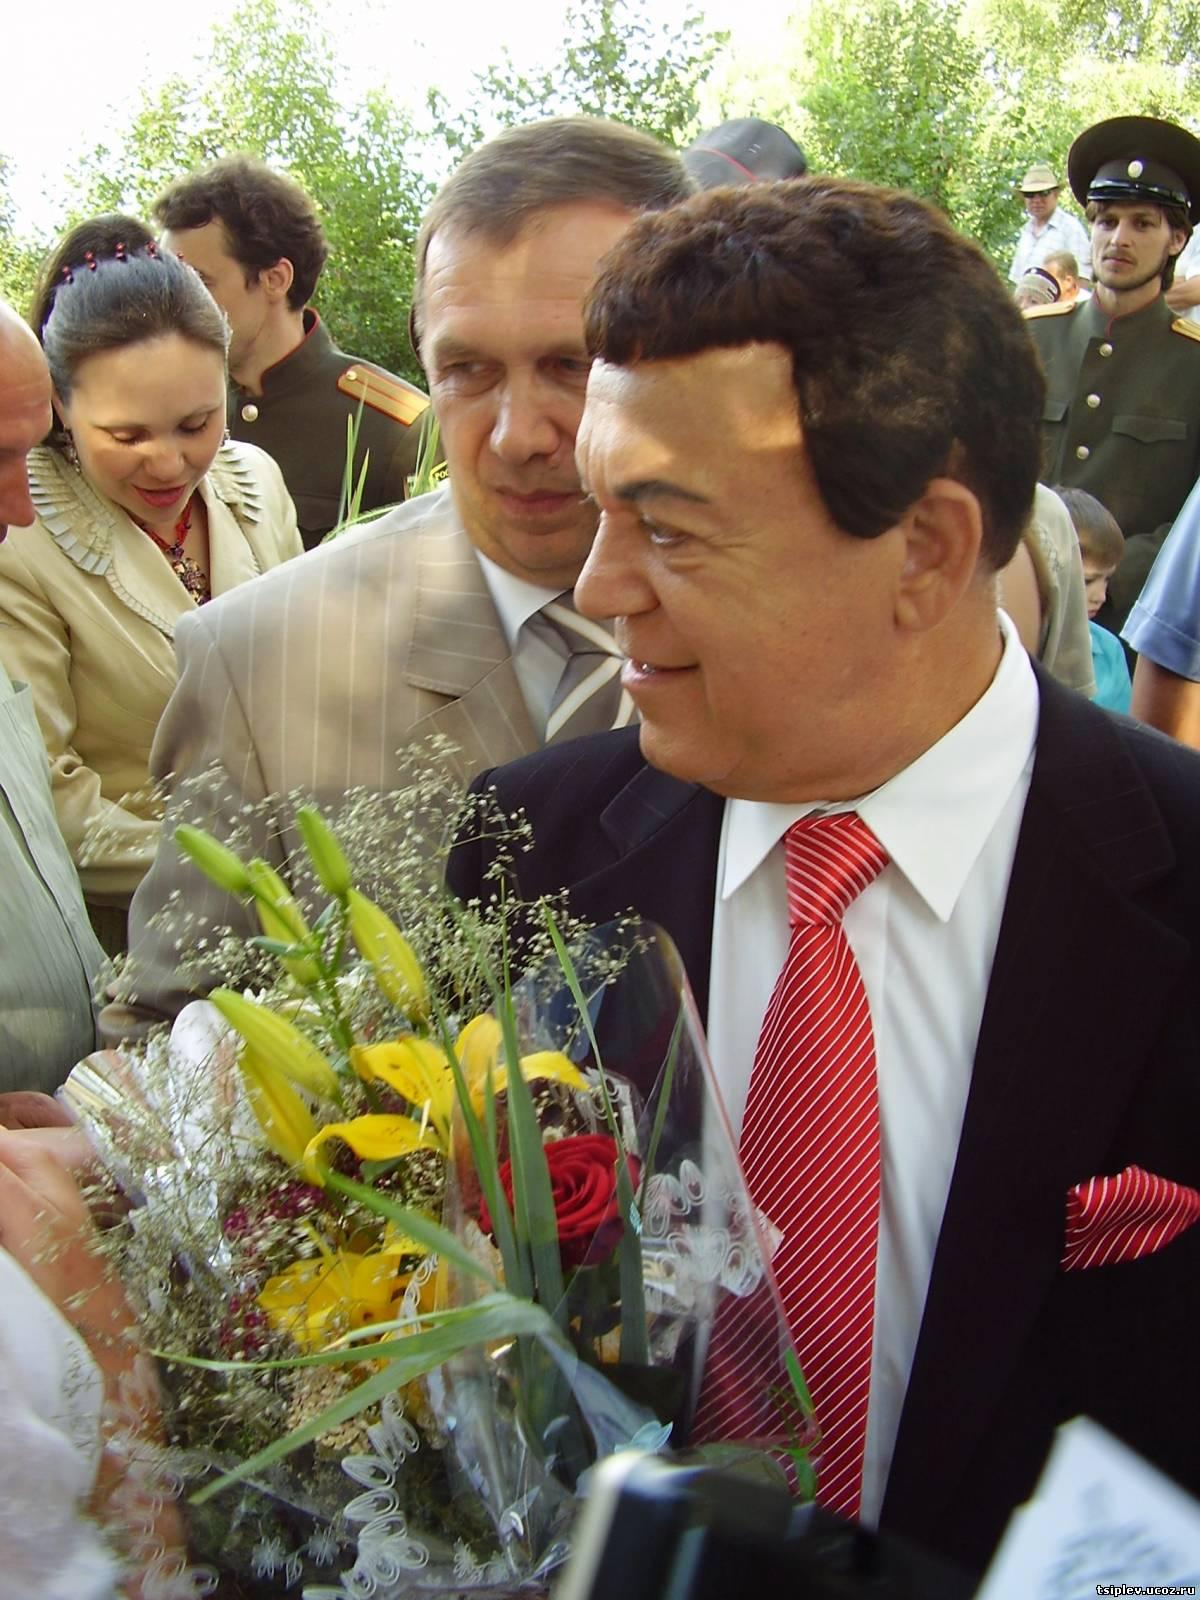 У Кобзона родился внук Иосиф - Общество, Светская жизнь - МК 82